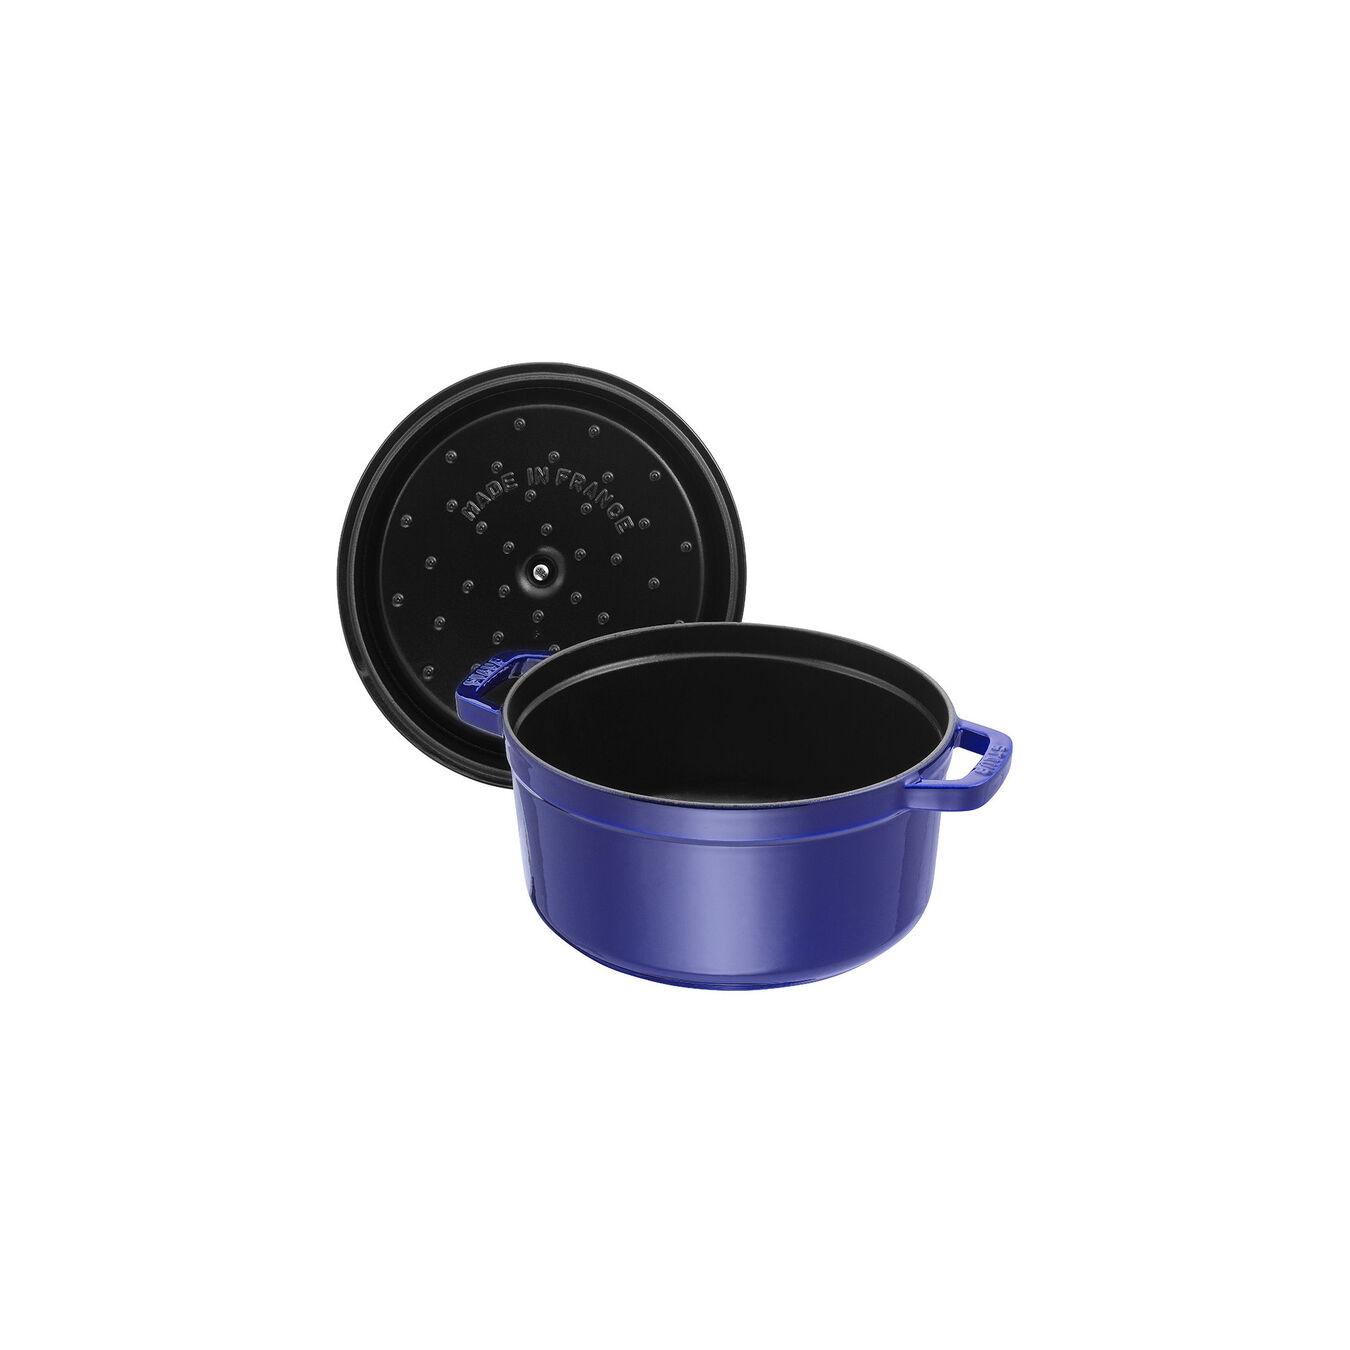 Caçarola 22 cm, redondo, azul marinho, Ferro fundido,,large 4